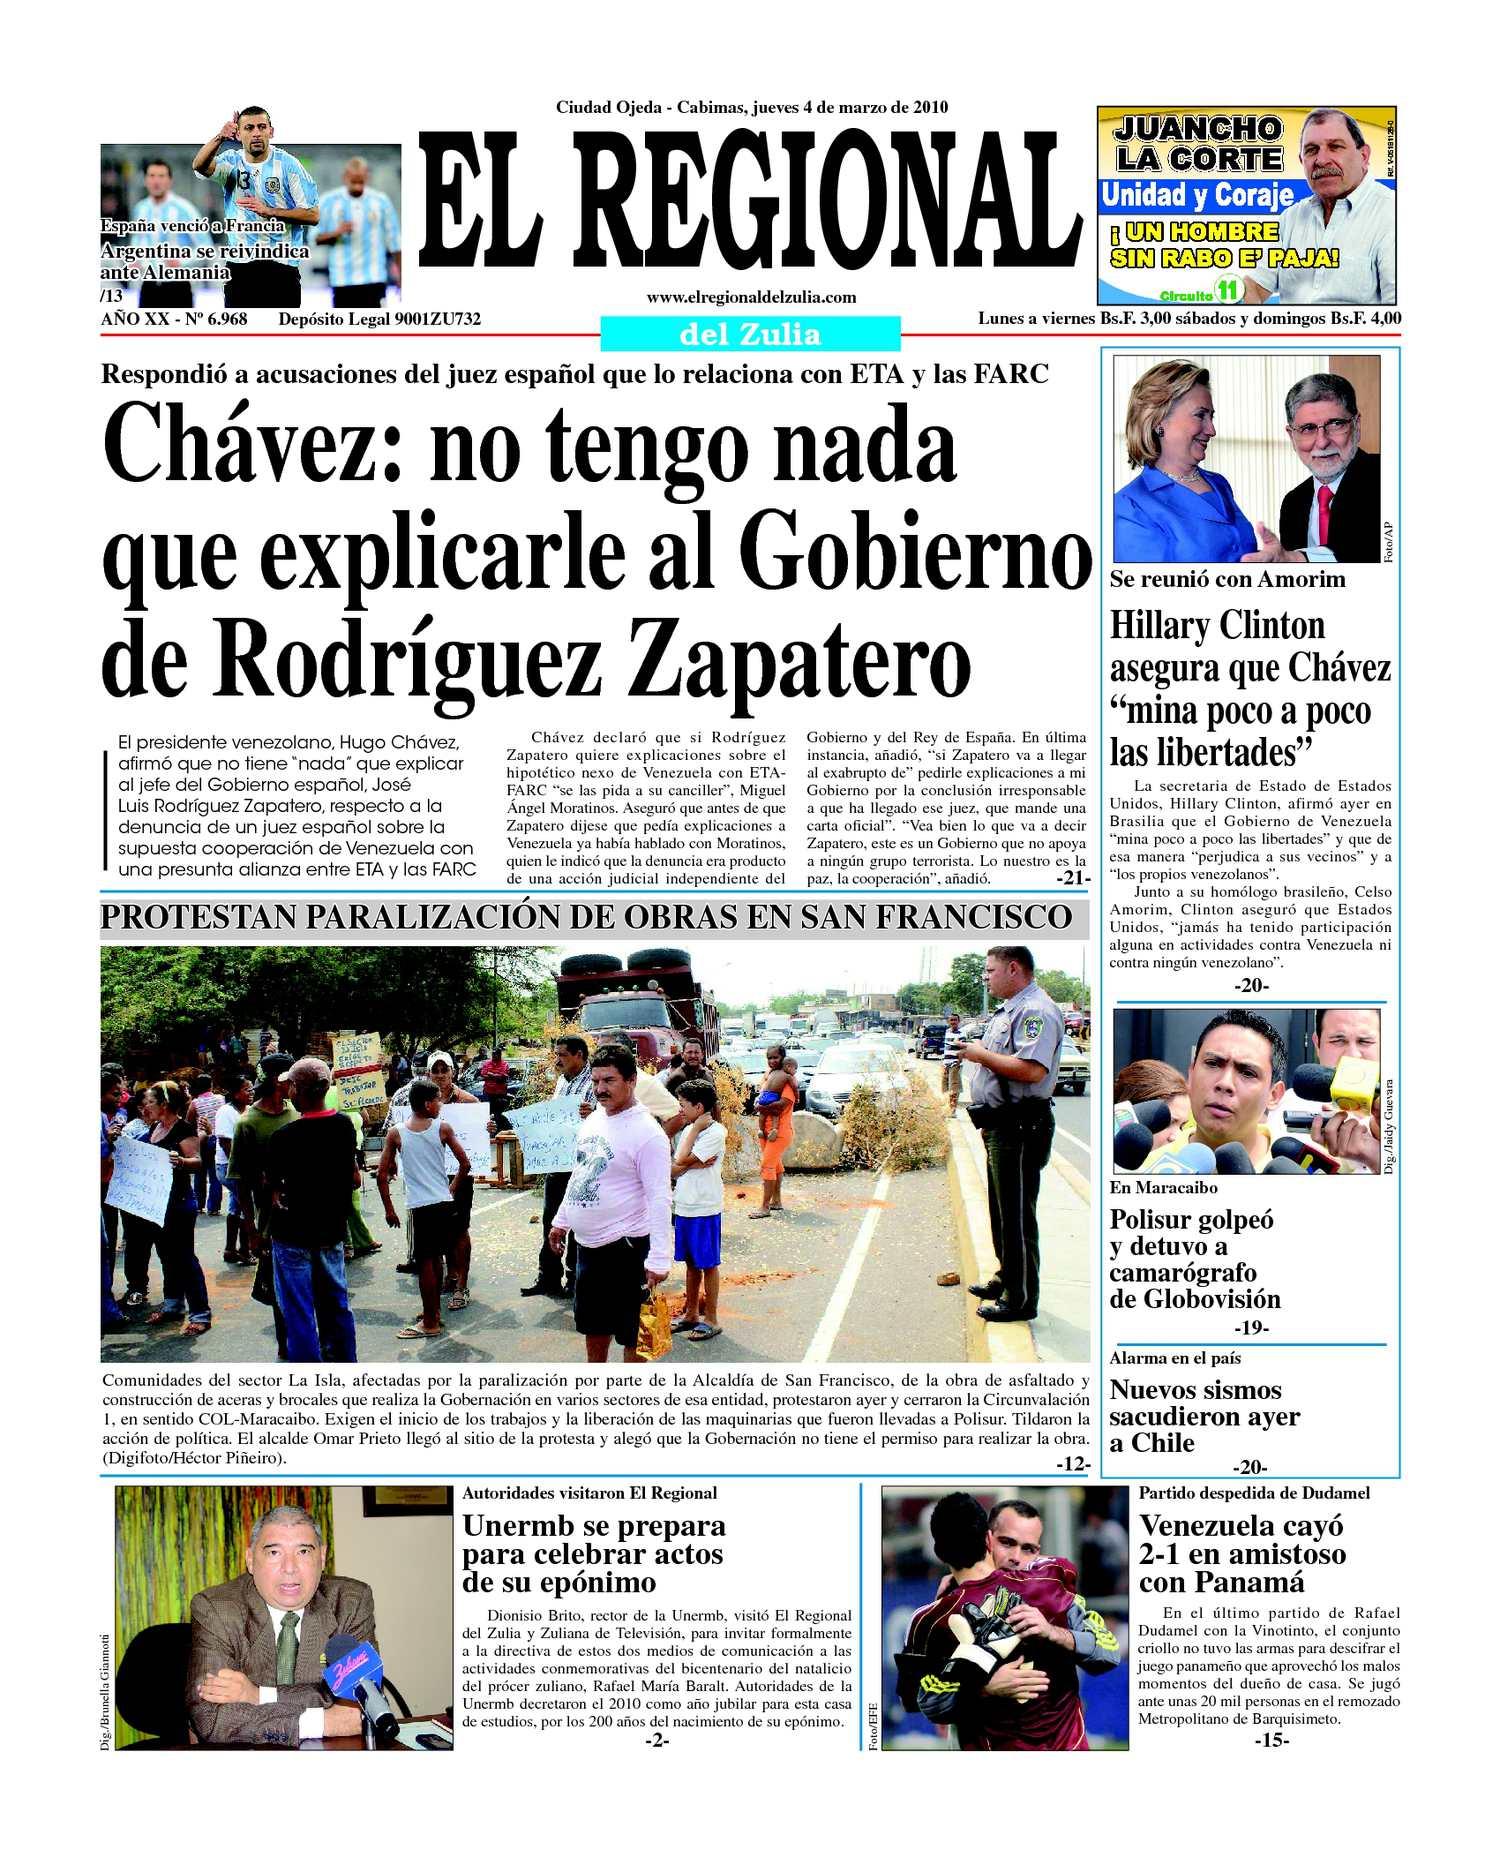 El Regional del Zulia | 04-03-2010